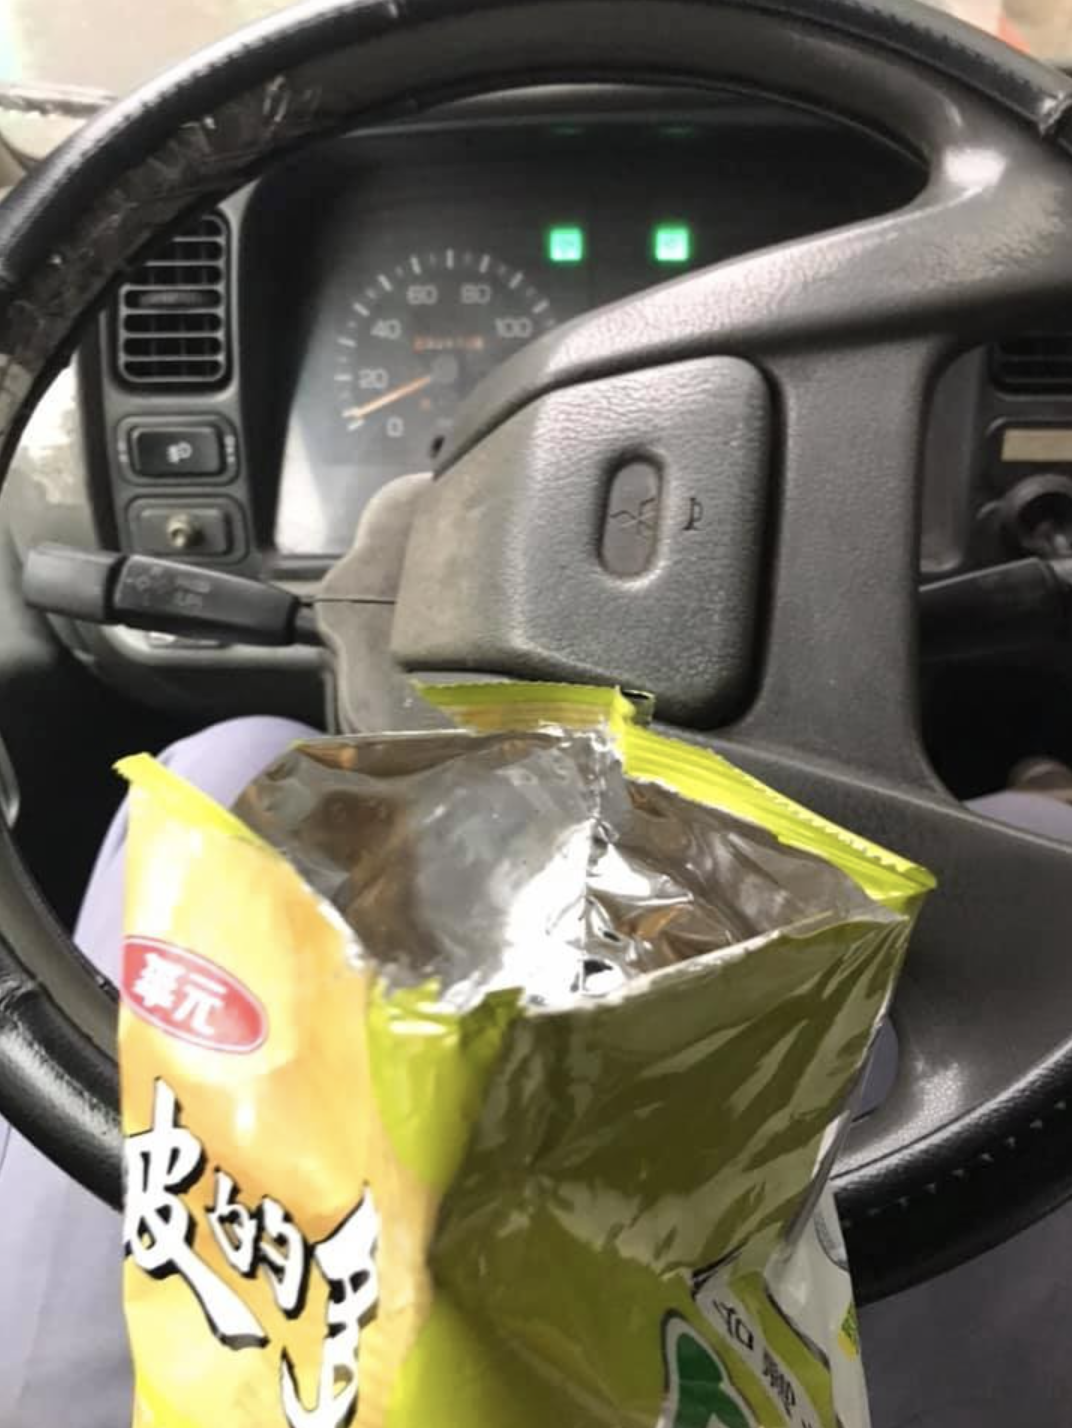 一名物流司機表示自己獨自在車上吃零食,卻遇到「正義魔人」要檢舉「沒戴口罩」。(翻攝自爆怨2公社臉書)